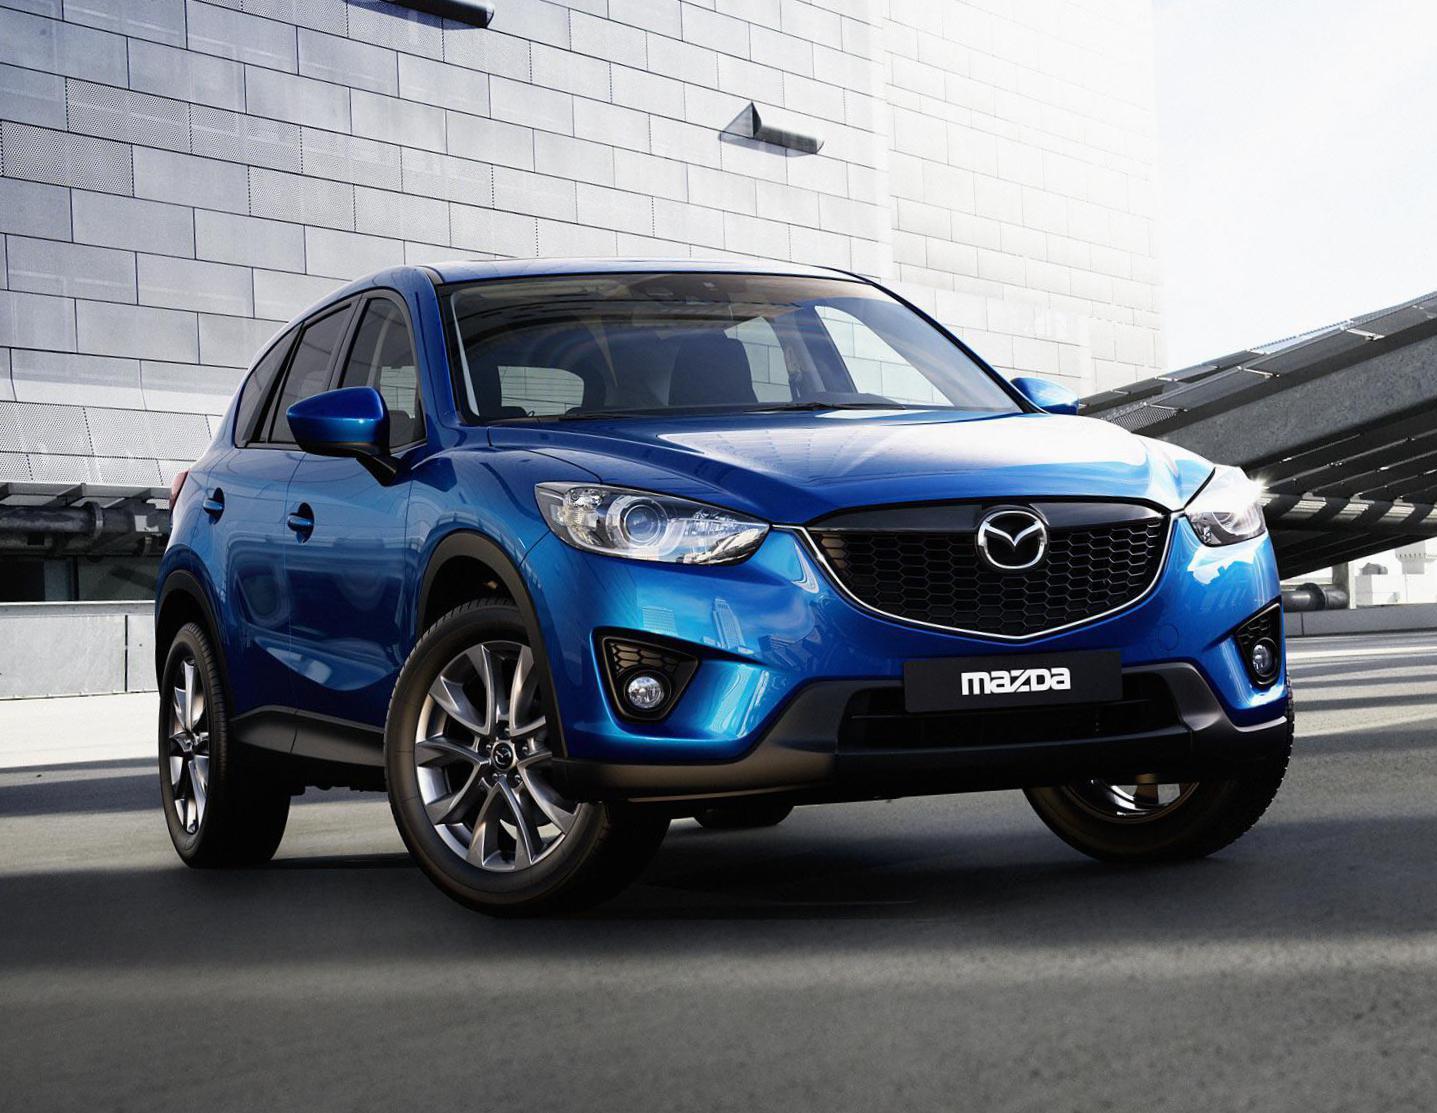 Mazda Cx 5 Photos And Specs Photo Cx 5 Mazda Concept And 26 Perfect Photos Of Mazda Cx 5